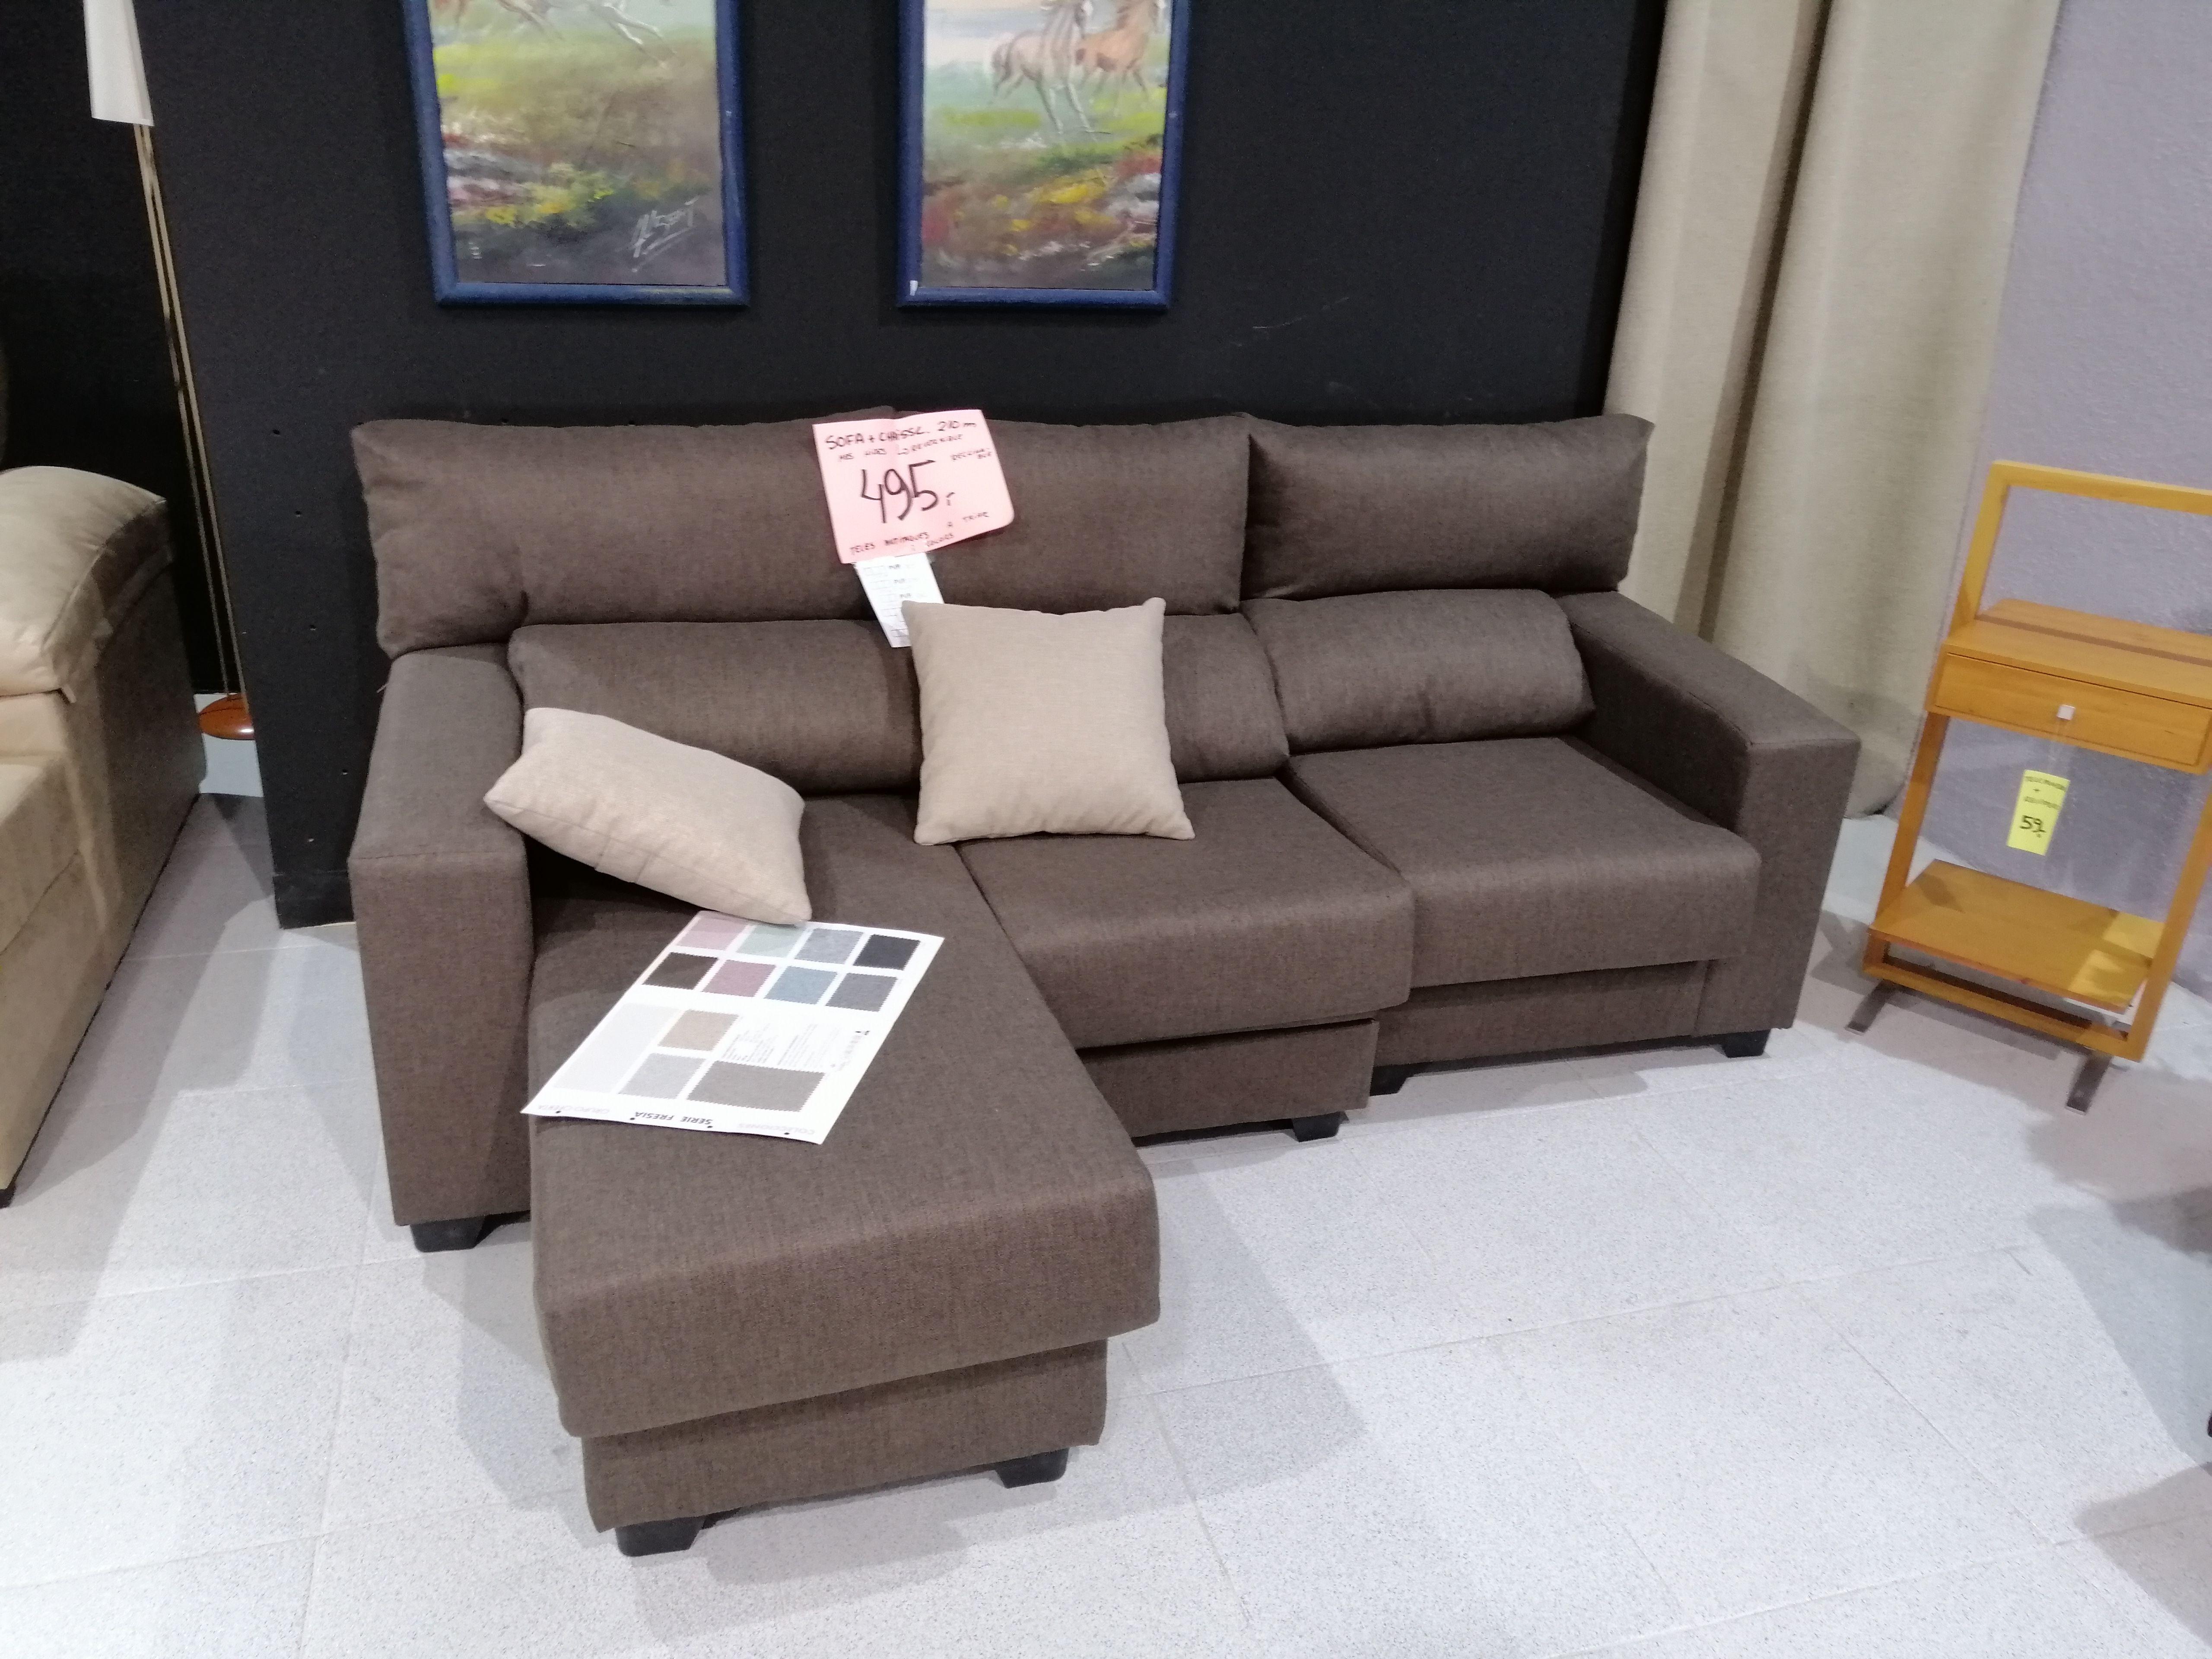 Venta de sofás y sillones en Vilafranca